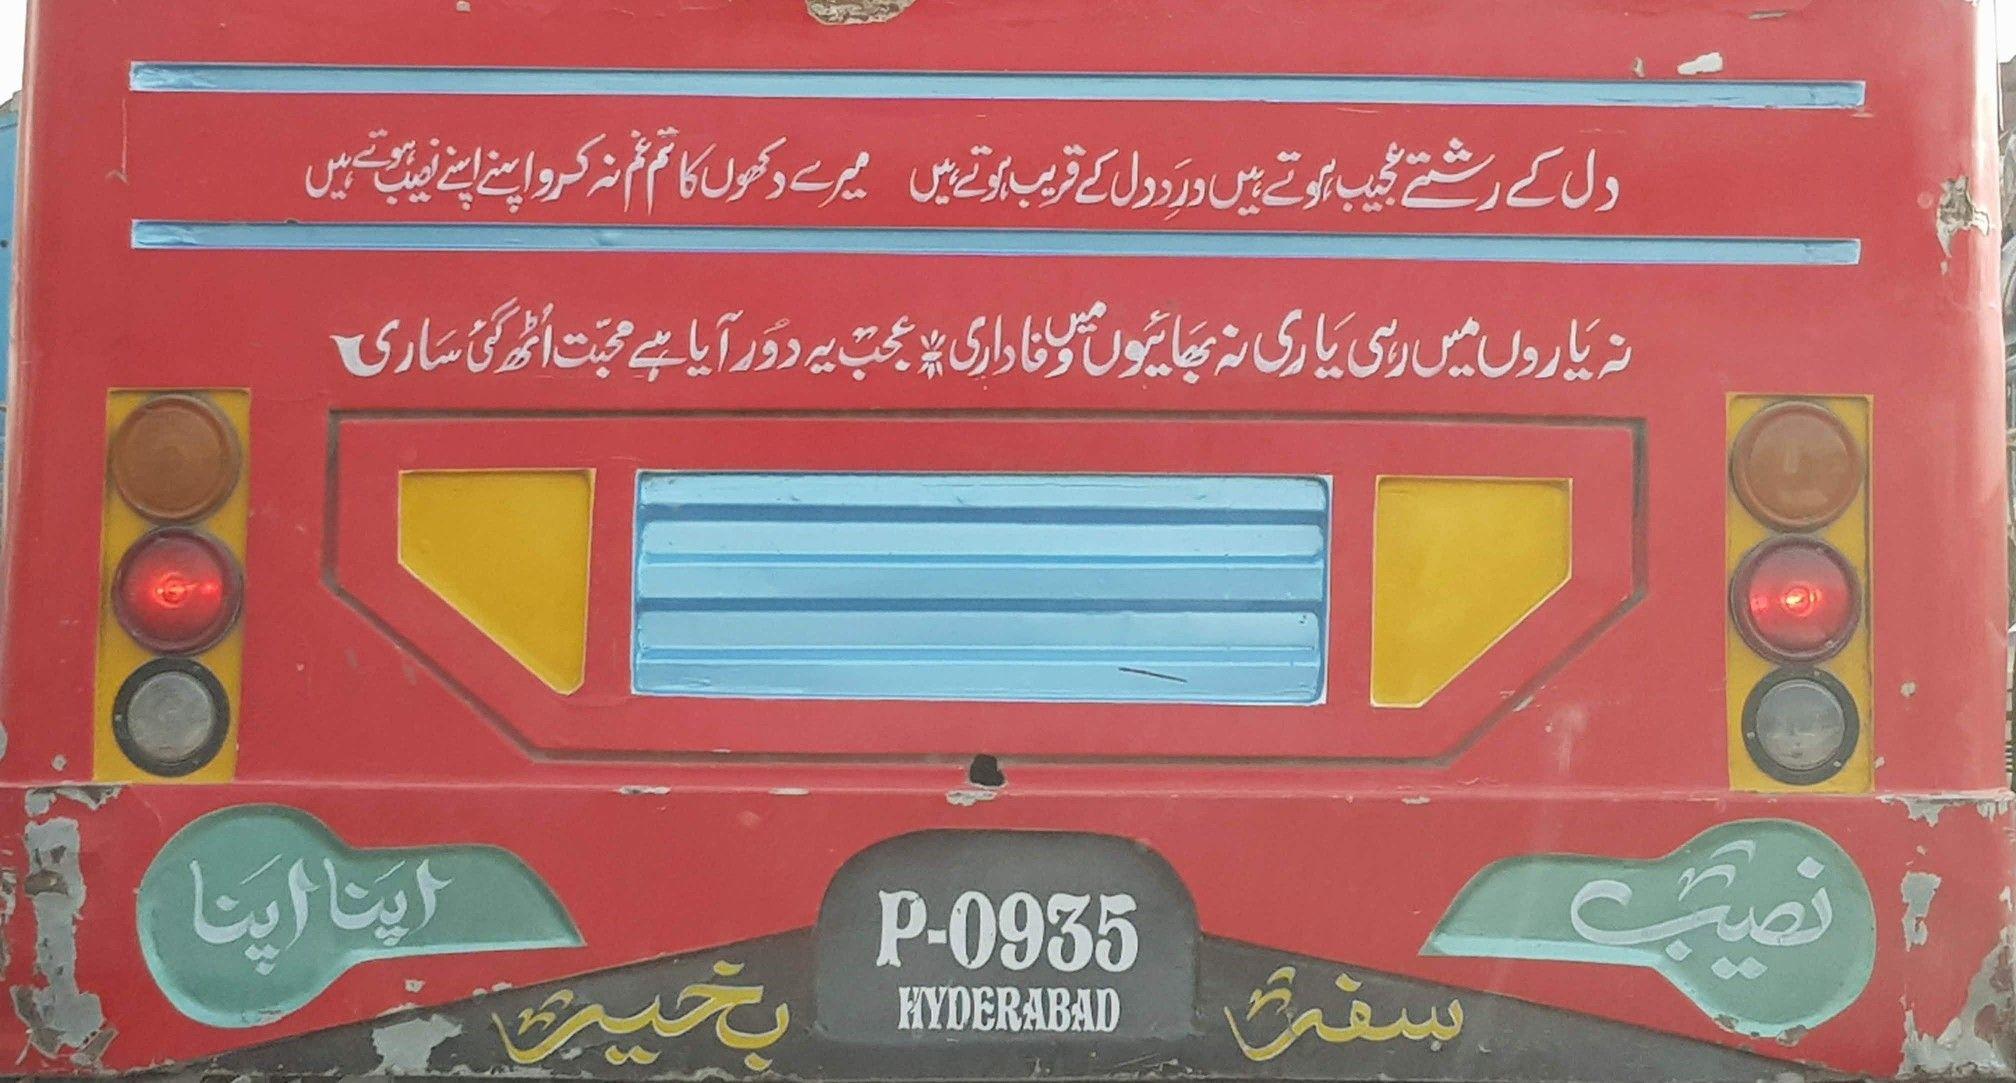 Urdusayings Truckart